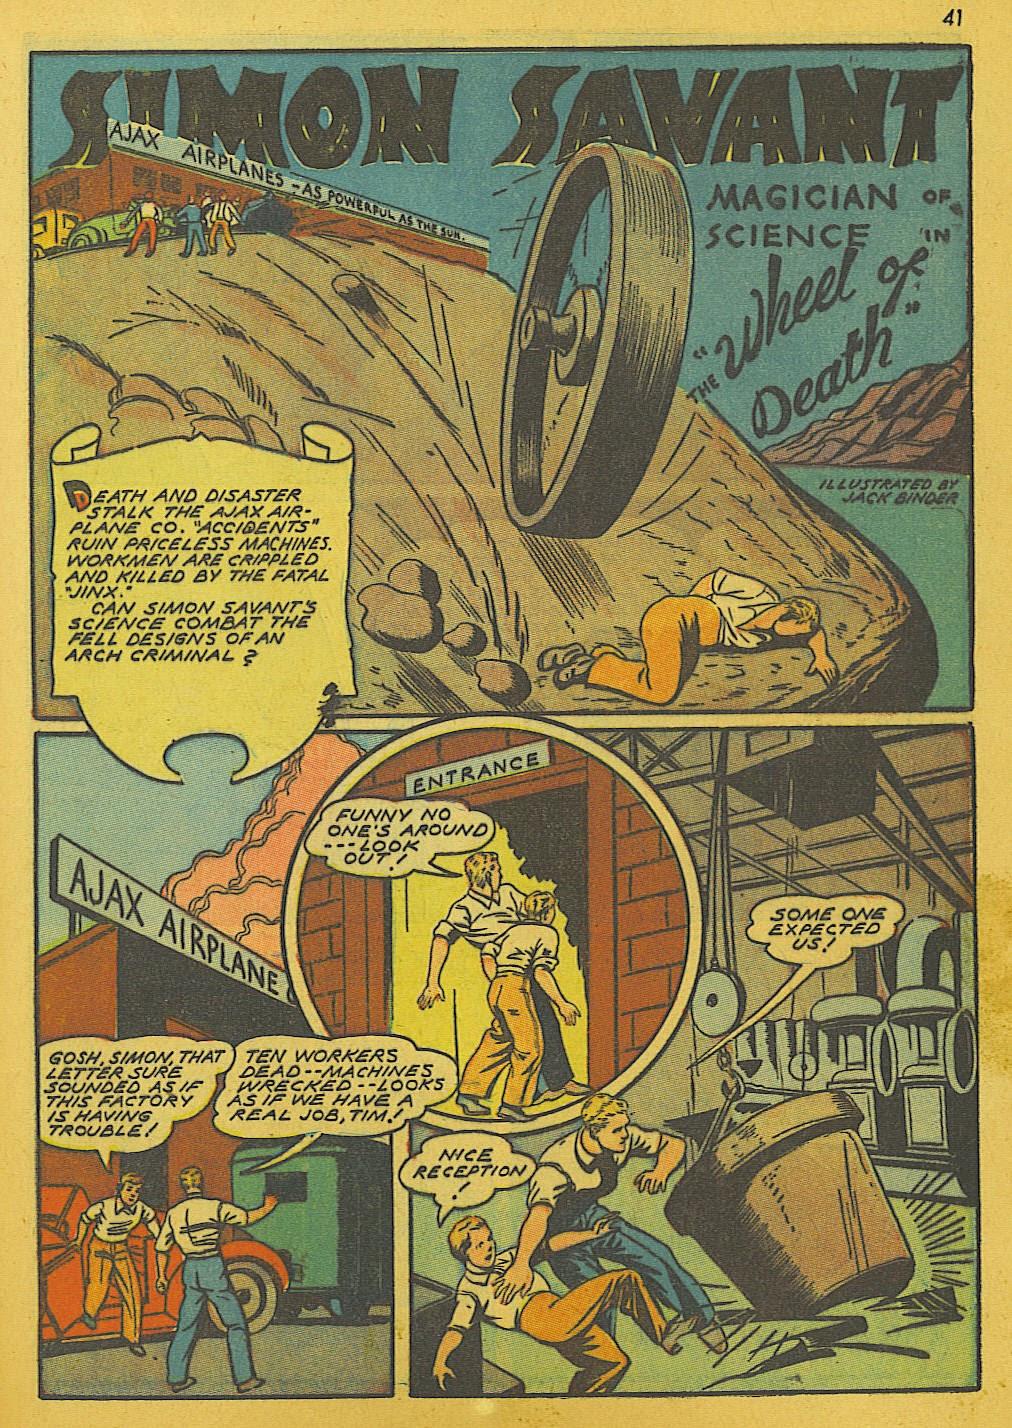 Read online Super-Magician Comics comic -  Issue #10 - 41